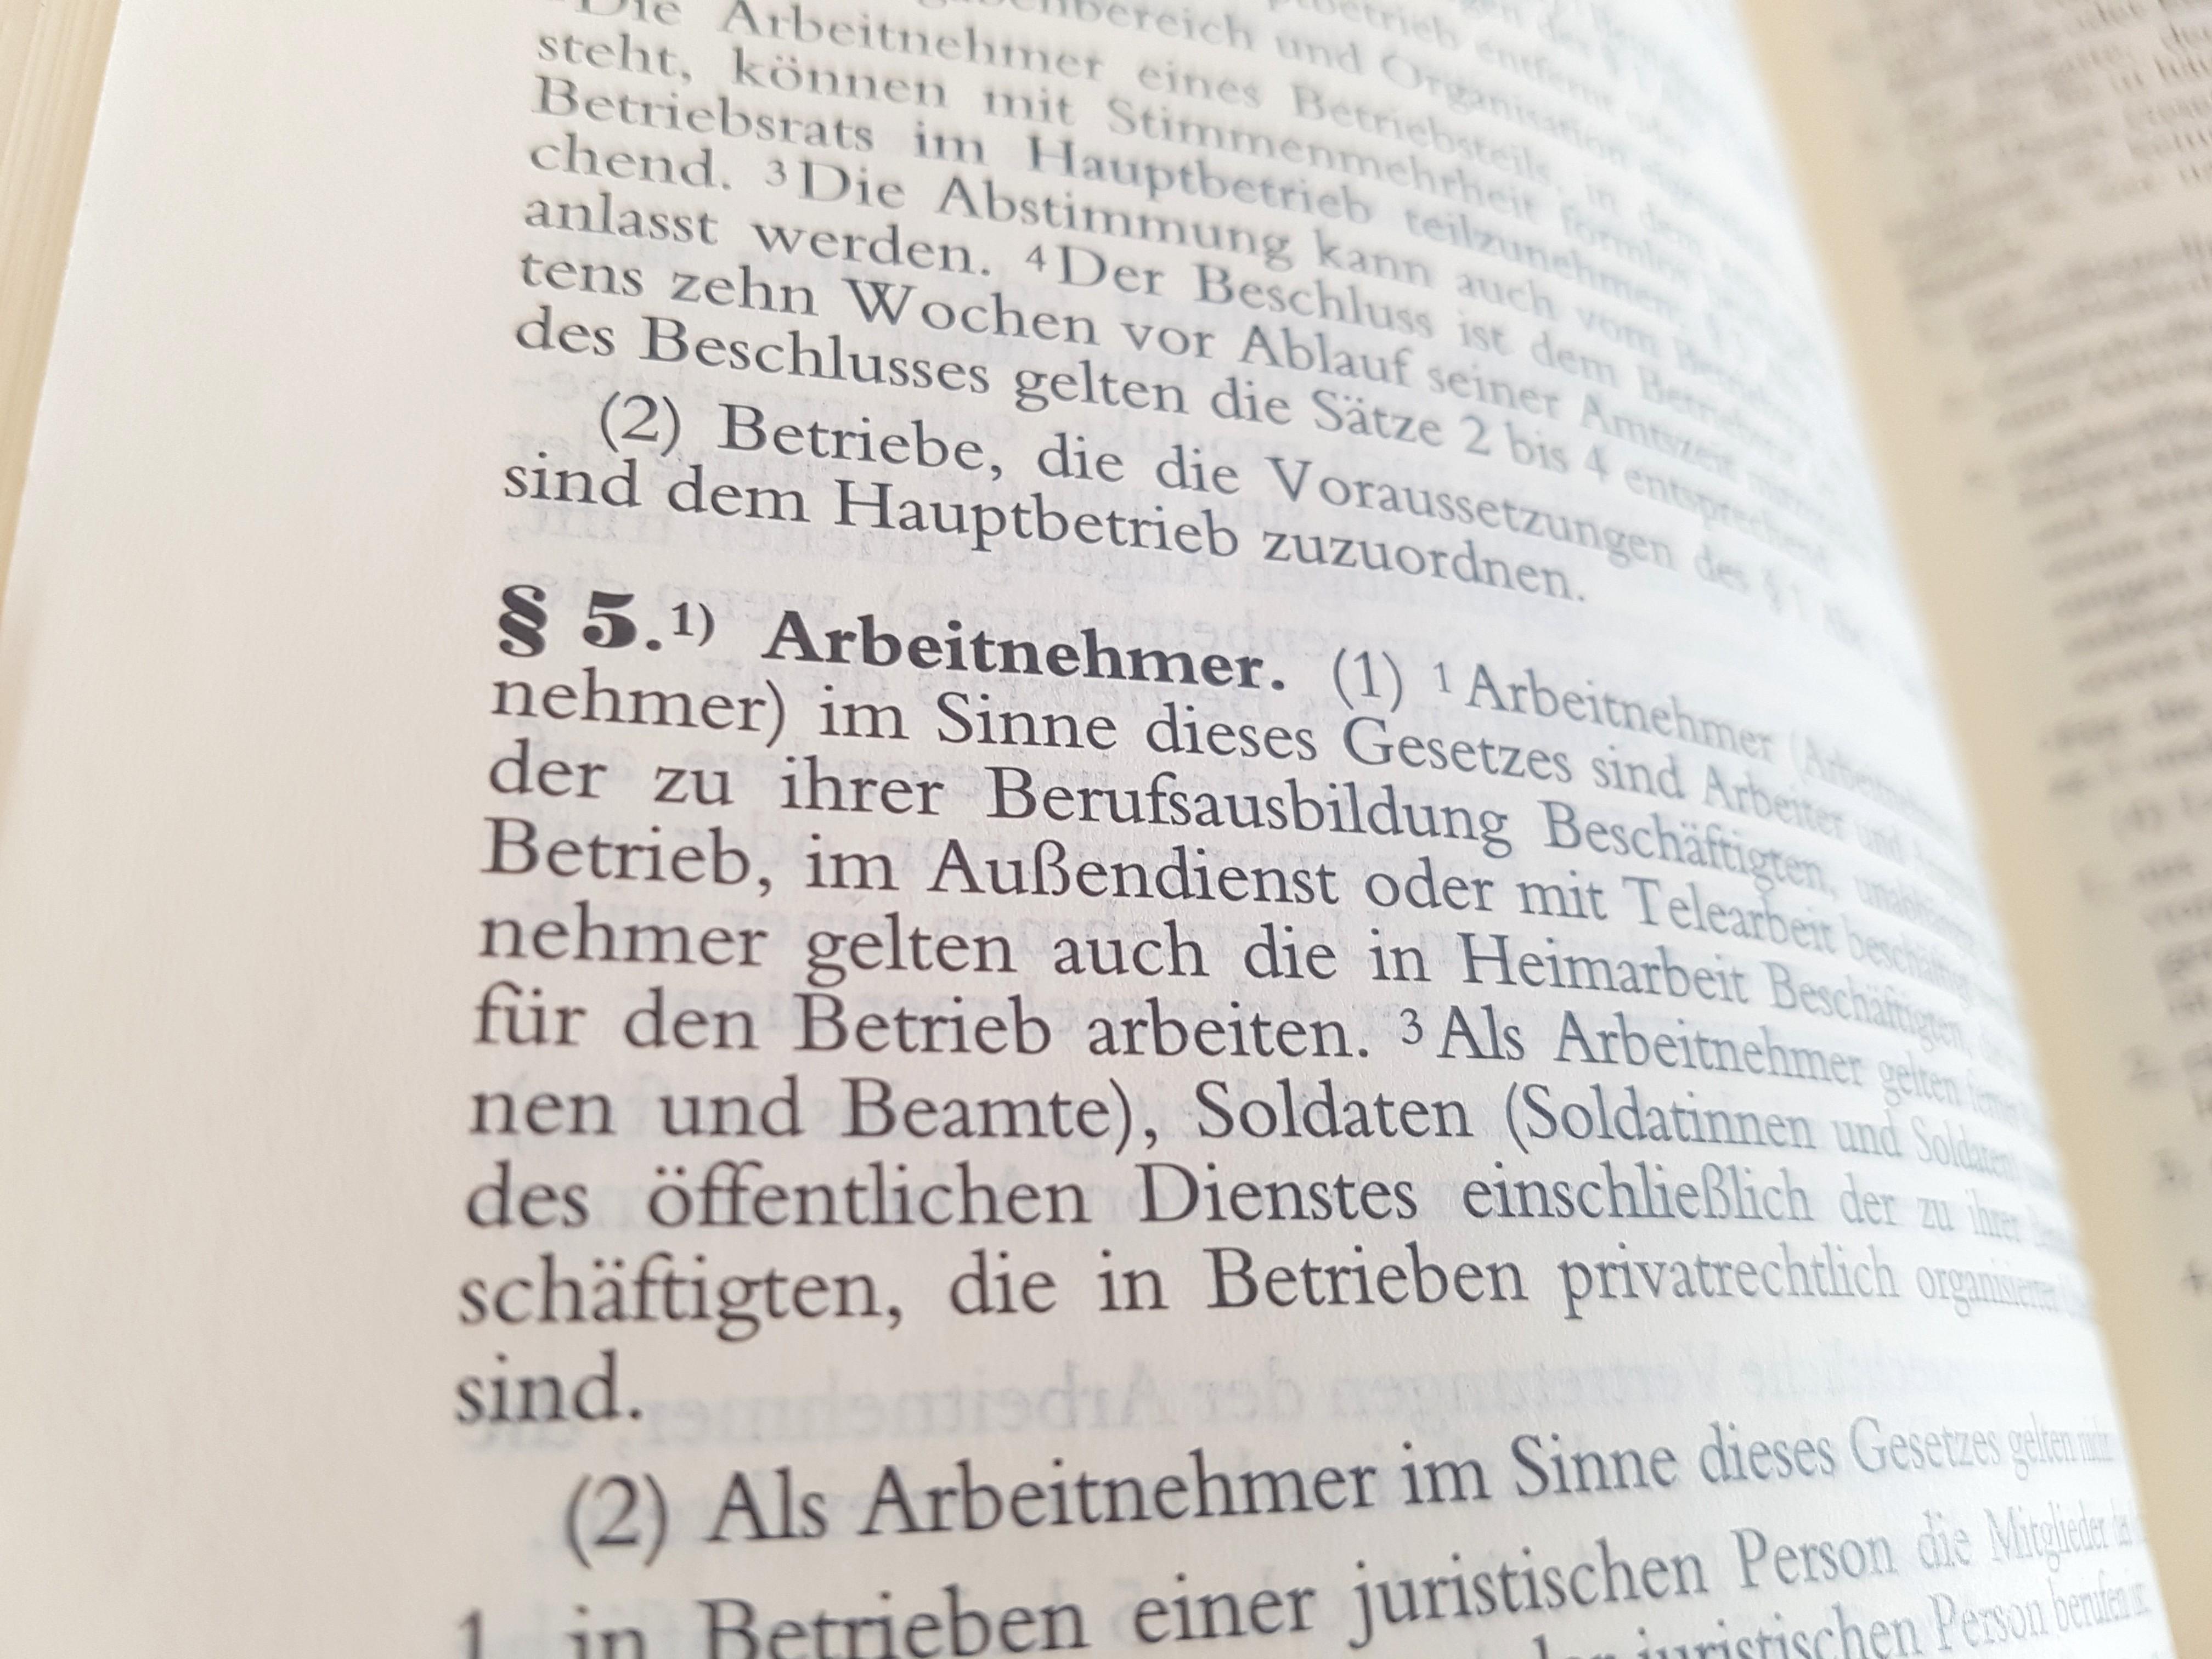 Das Foto zeigt den Blick in ein Gesetzbuch, in dem Paragraph 5 Arbeitnehmer zu erkennen ist.